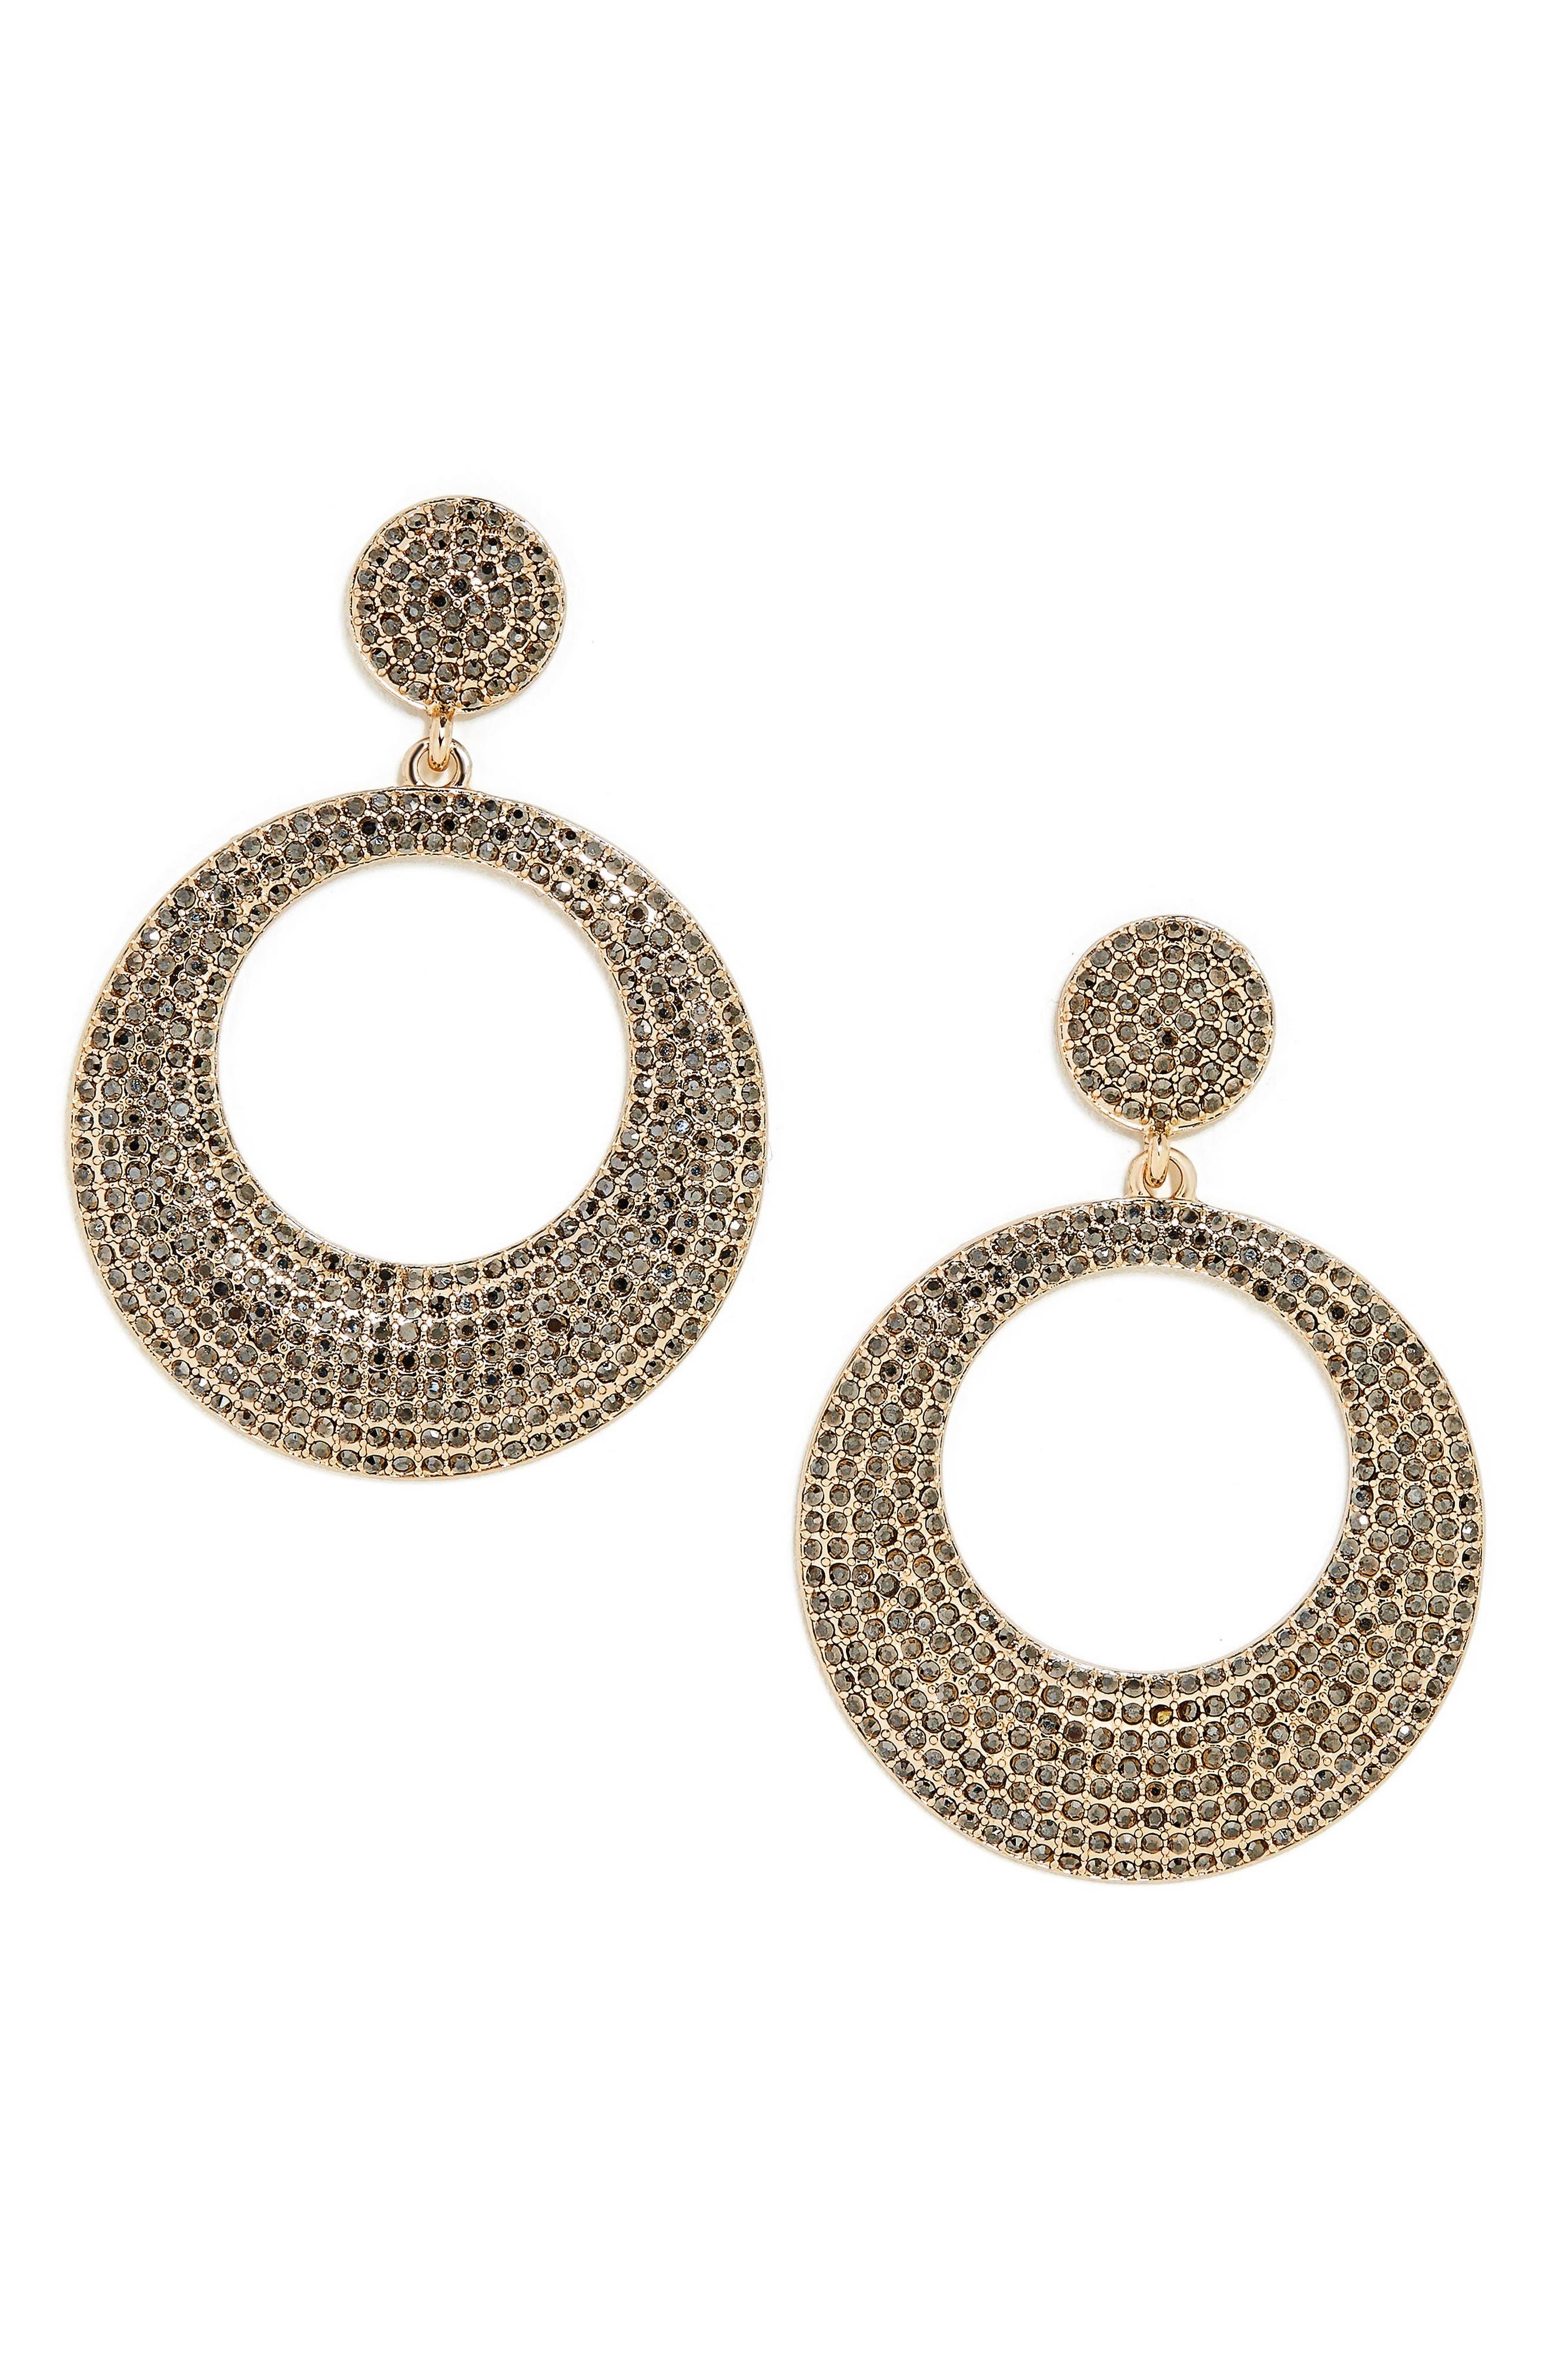 BAUBLEBAR Octavia Hoop Earrings